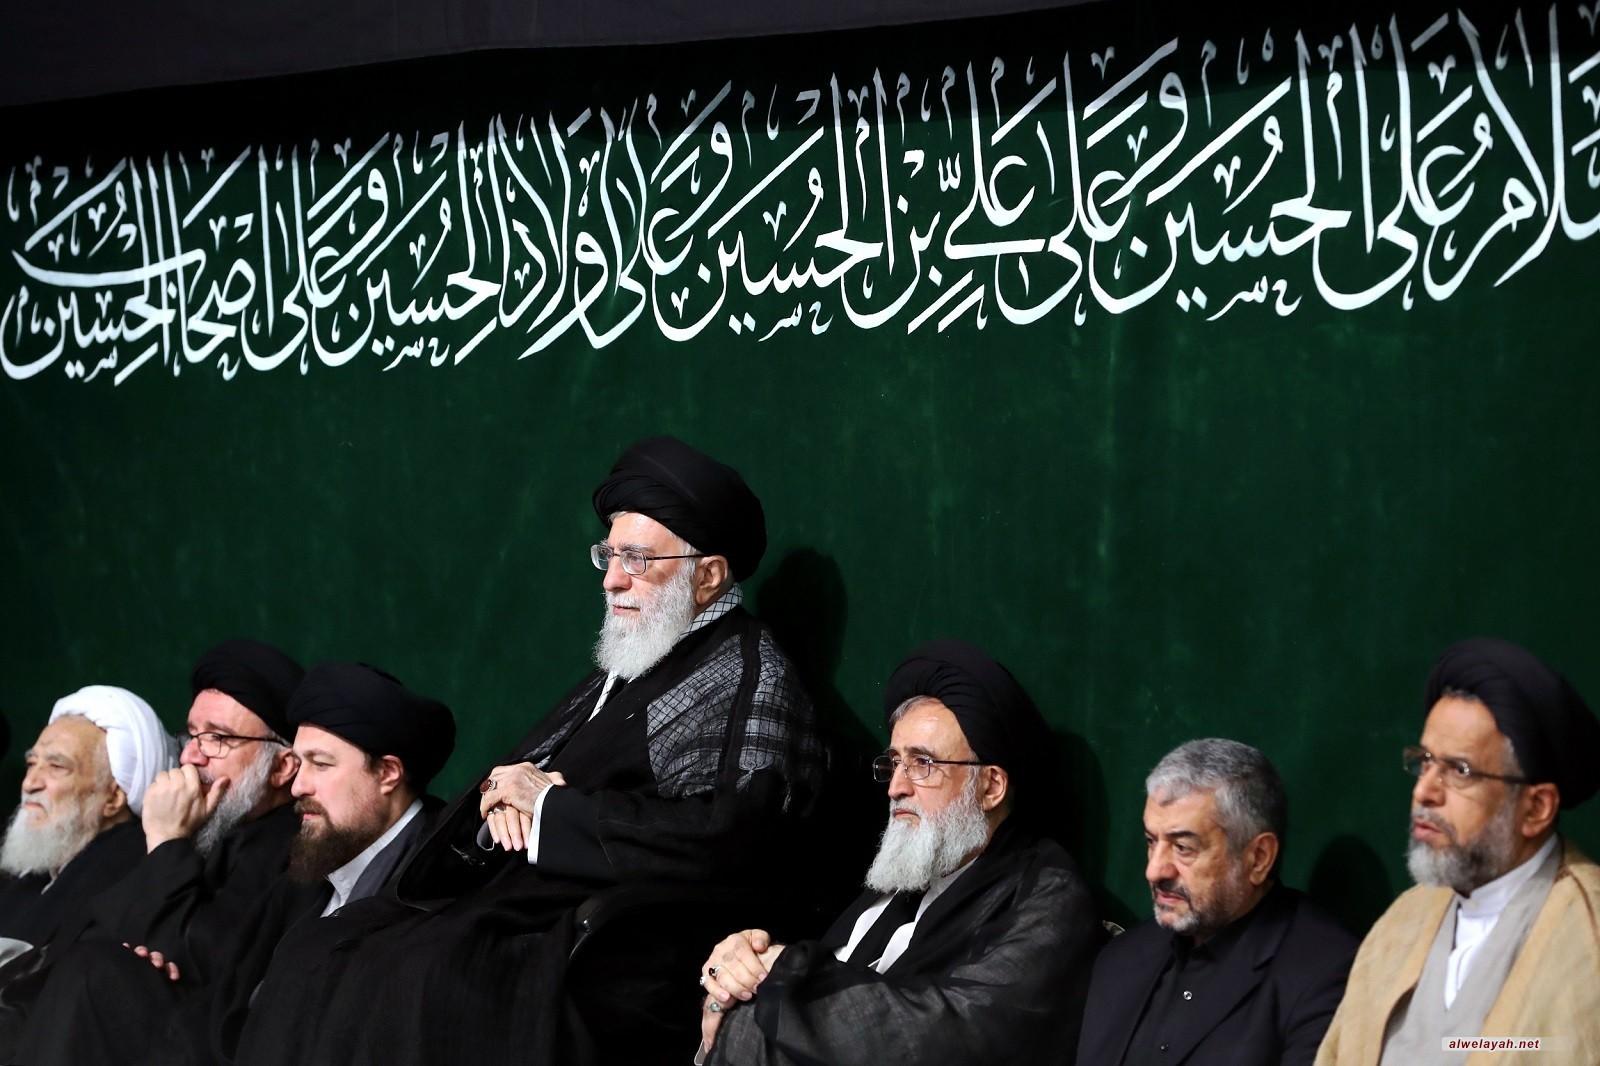 إحياء مجلس عزاء سيد الشهداء (الليلة الأخيرة) بحضور الإمام الخامنئي